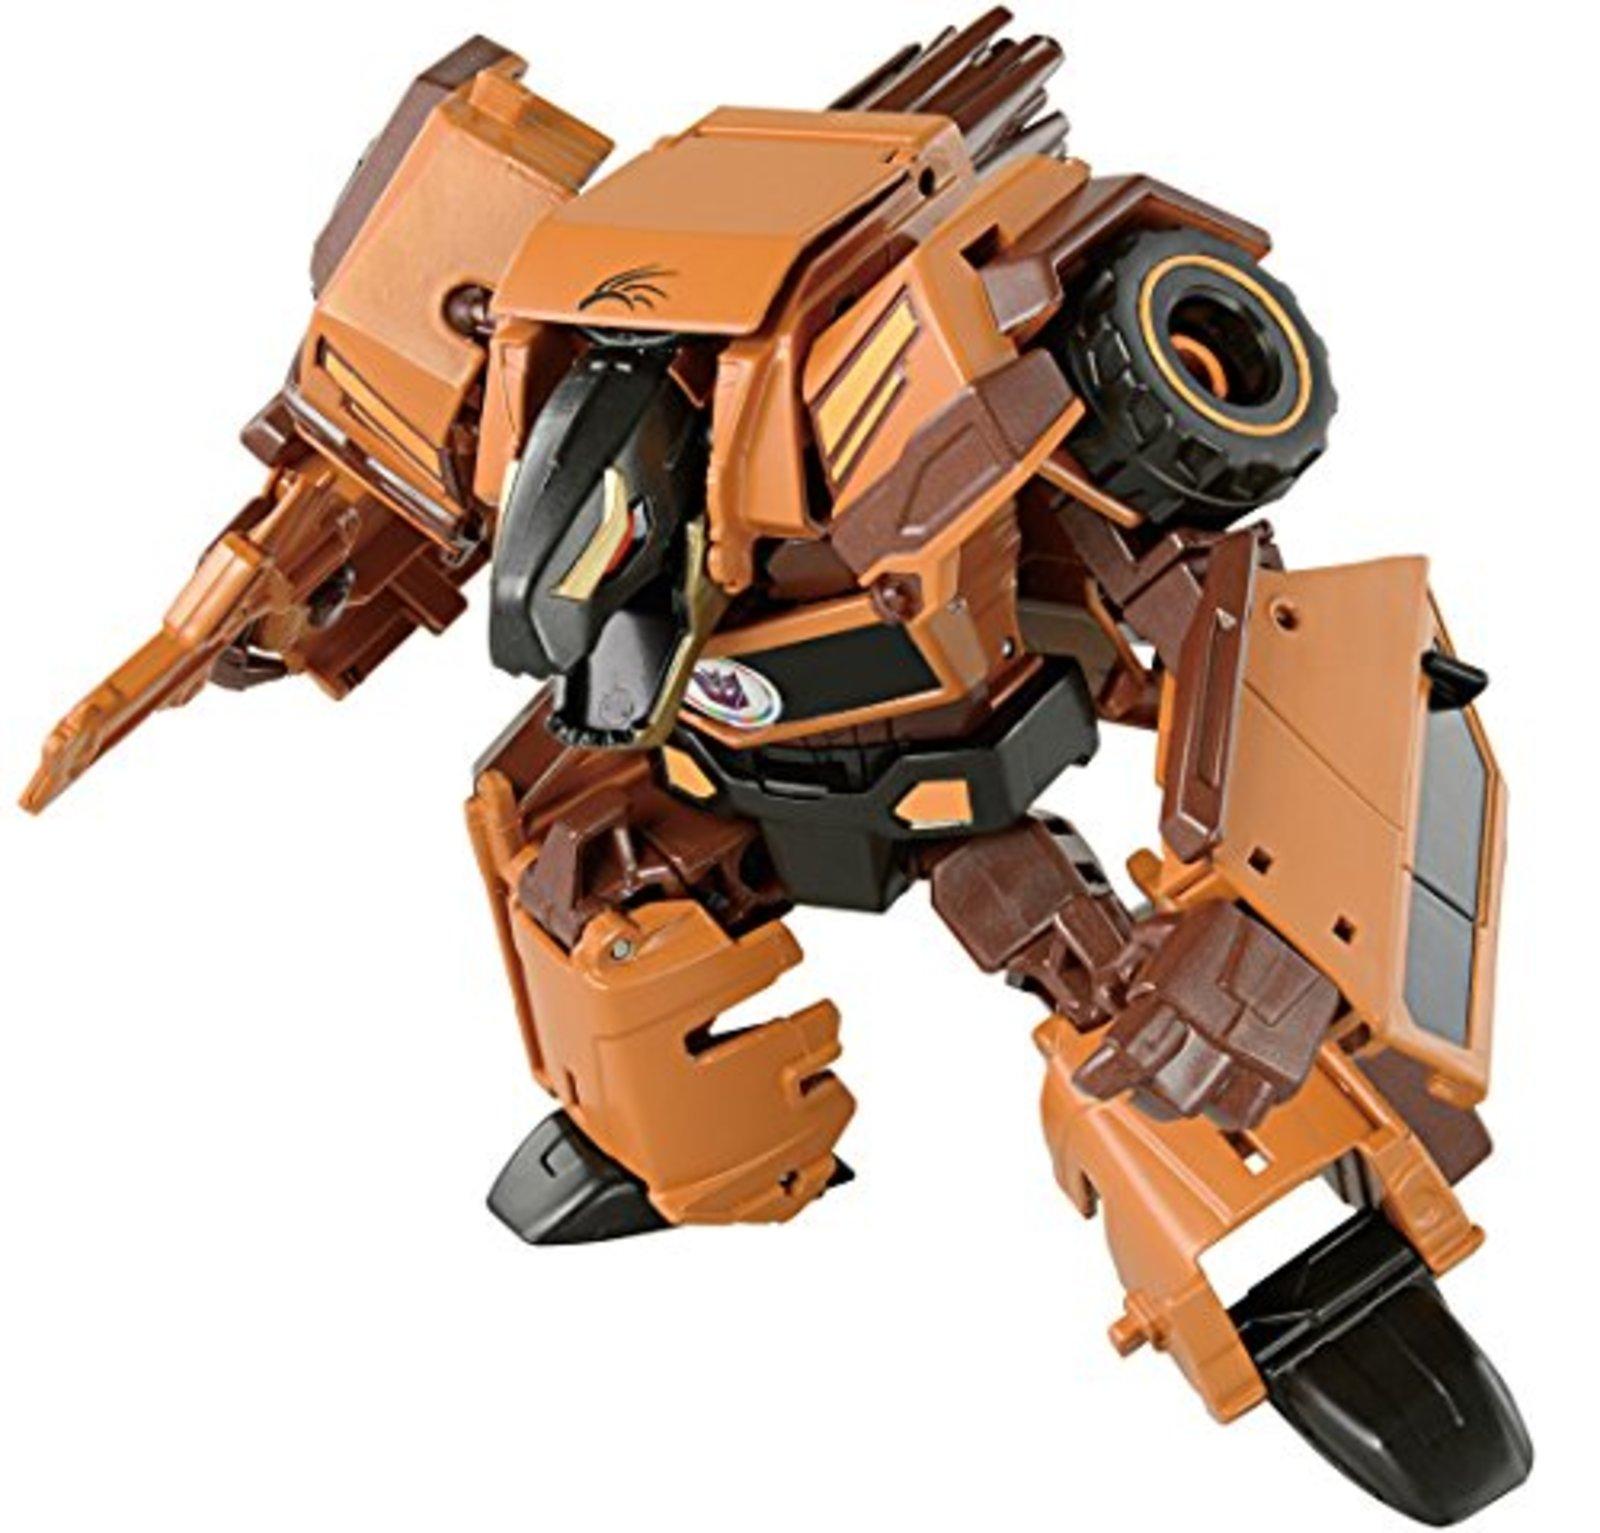 Transformers Adventure TAV39 quillfire Livraison Gratuite avec numéro de  suivi nouveau Japon  Stade Cadeaux